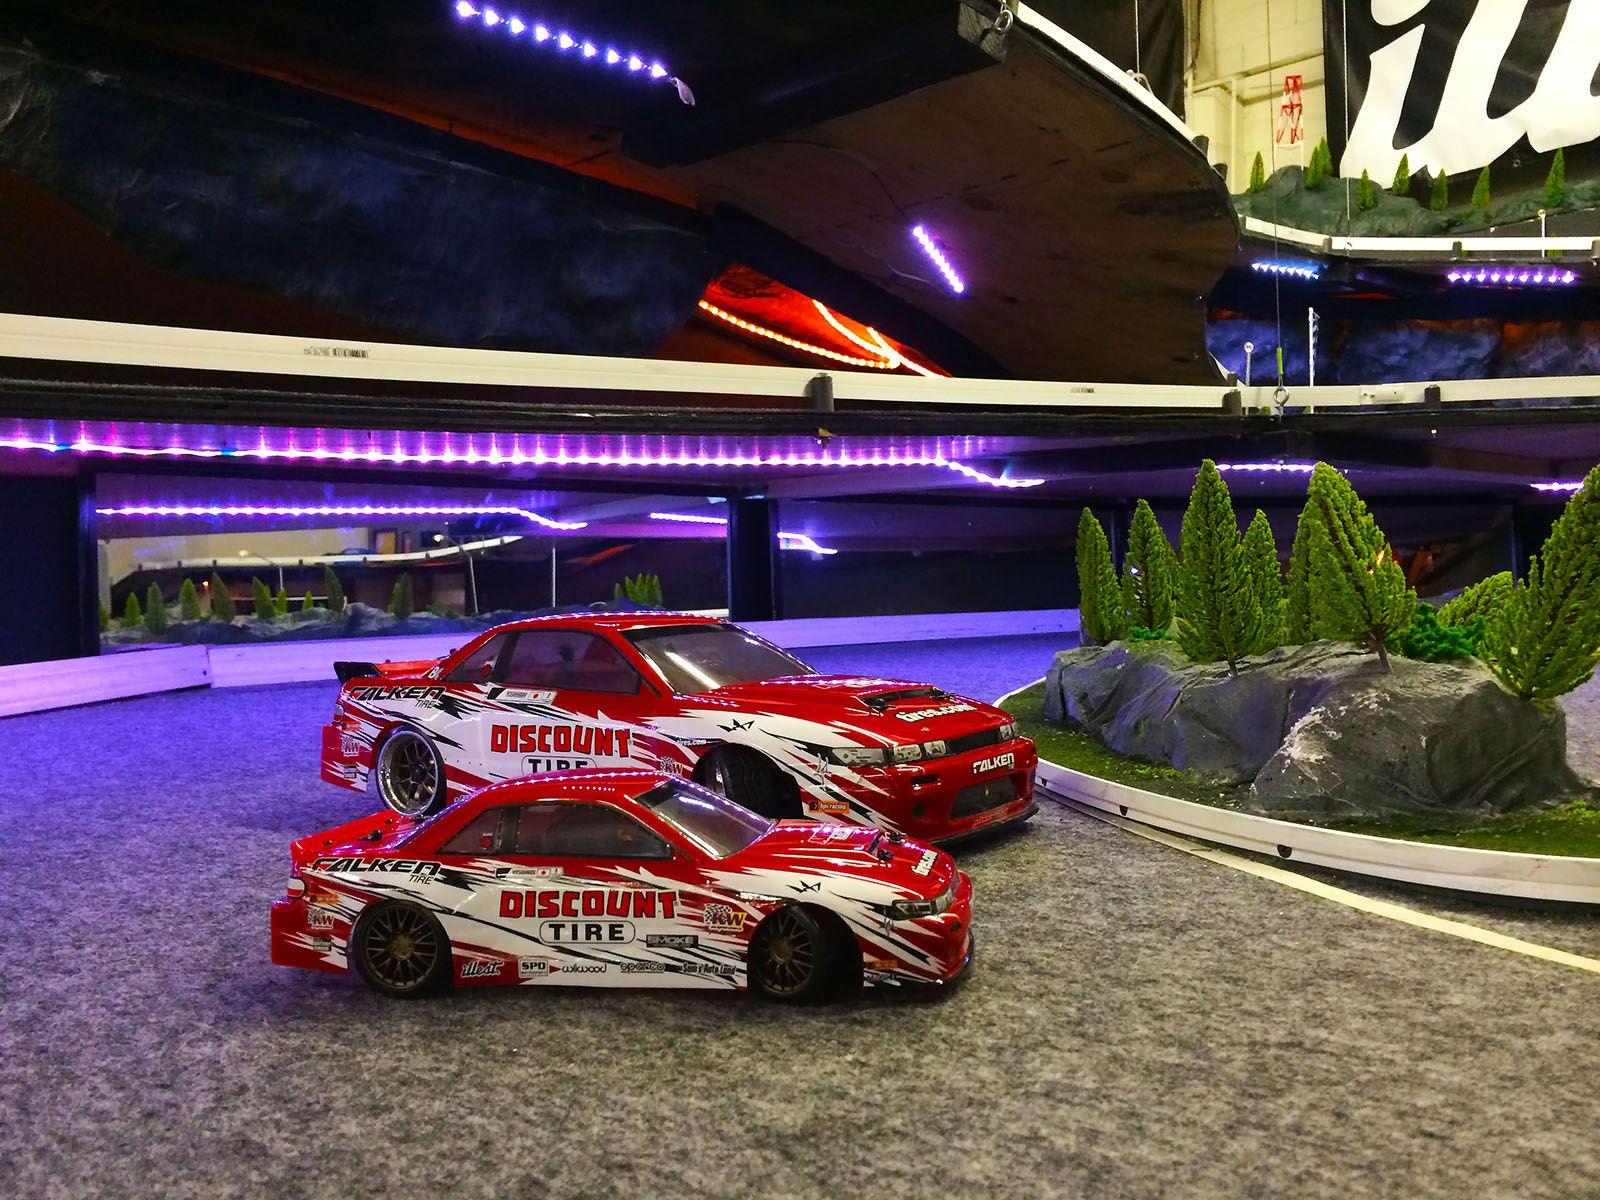 HPI Racing Dai Yoshihara Discount Tire Falken Tire NIssan